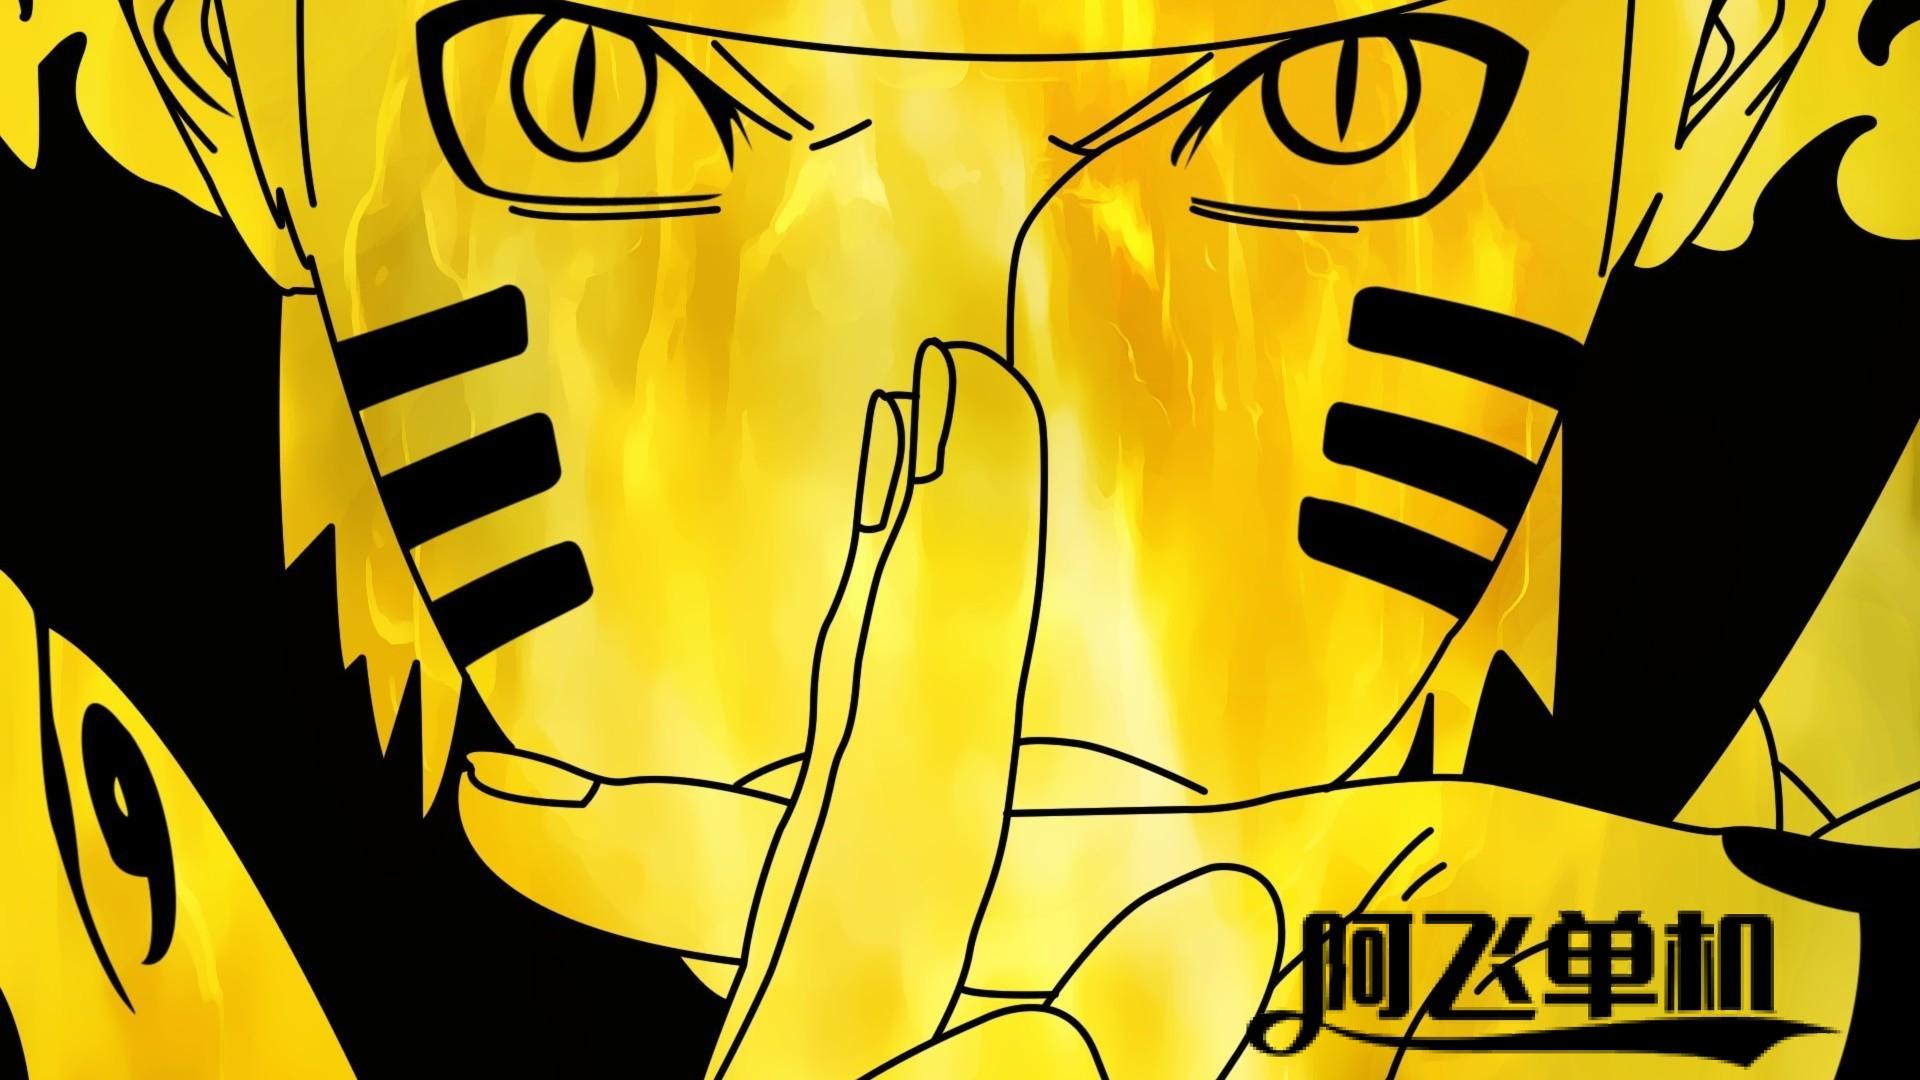 《异度神剑:终极版》发售日泄露 5月29日推出